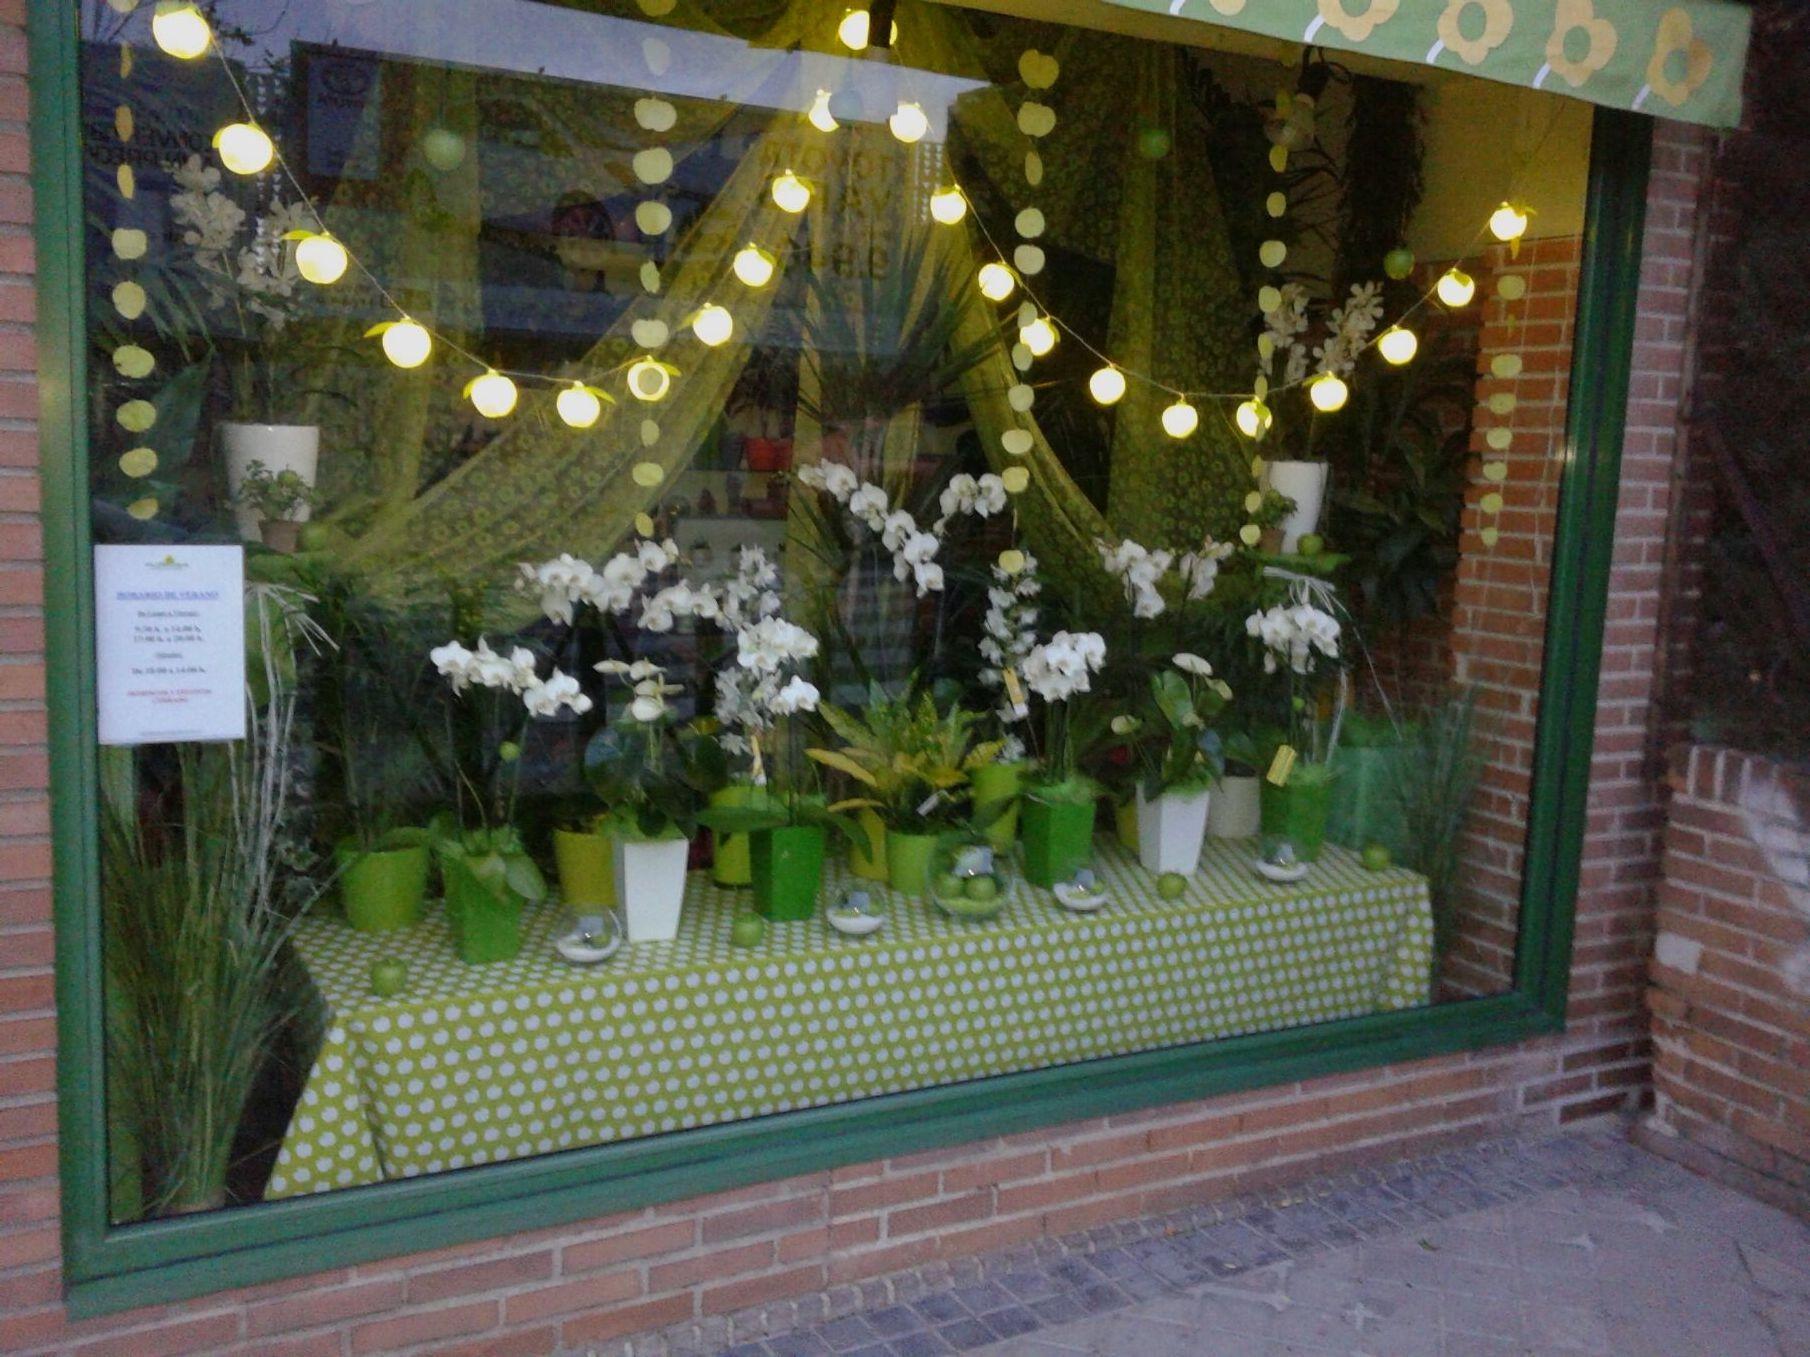 Precioso escaparate diseñado por Irene para Floridea para empezar el otoño verde, muy verde. Orquídeas y manzanas.